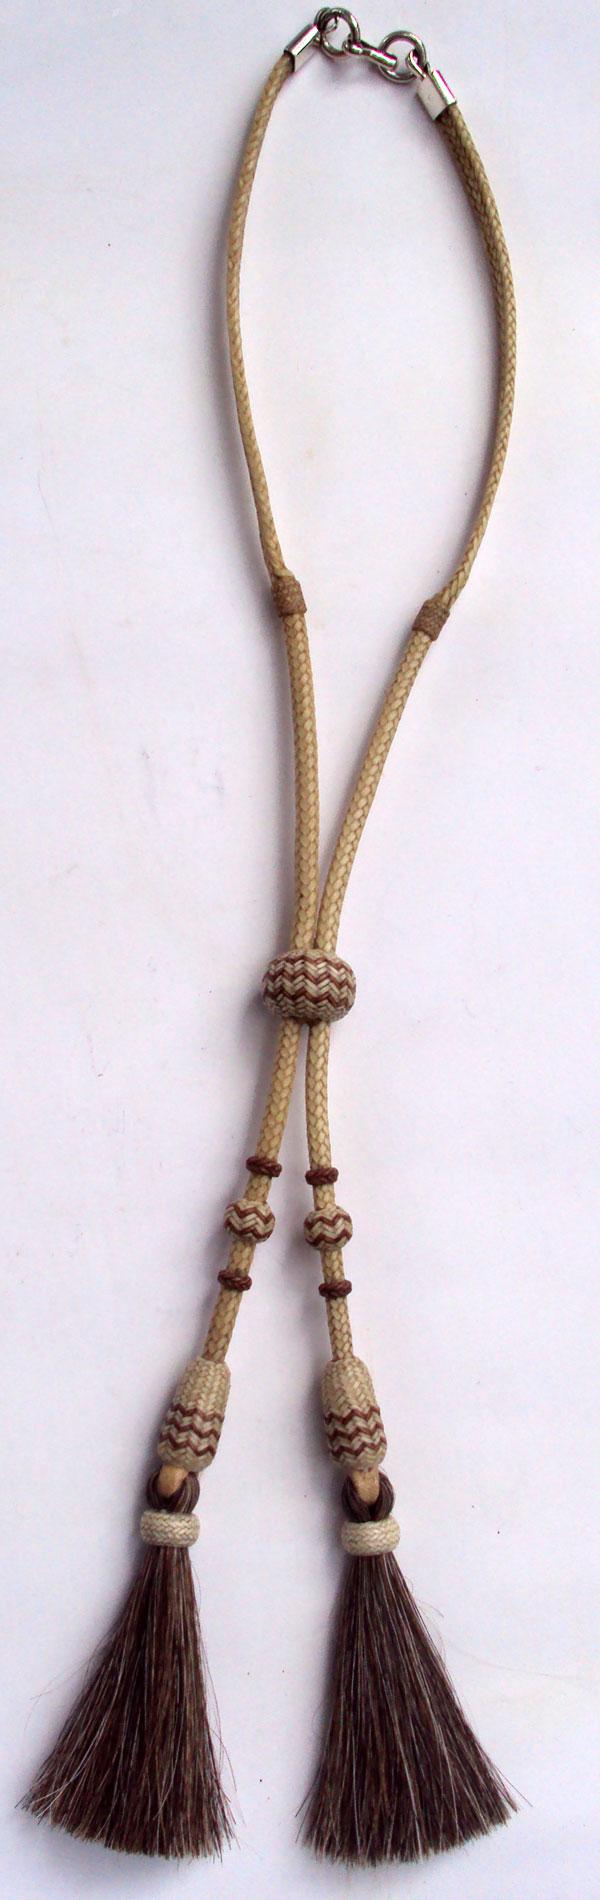 Necklace by Maximo Prado